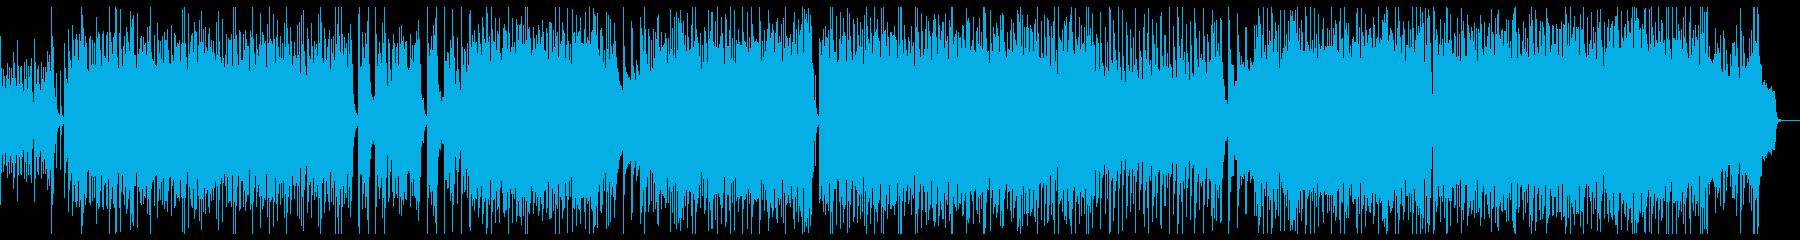 笛・太鼓がメインのポップな和風の再生済みの波形